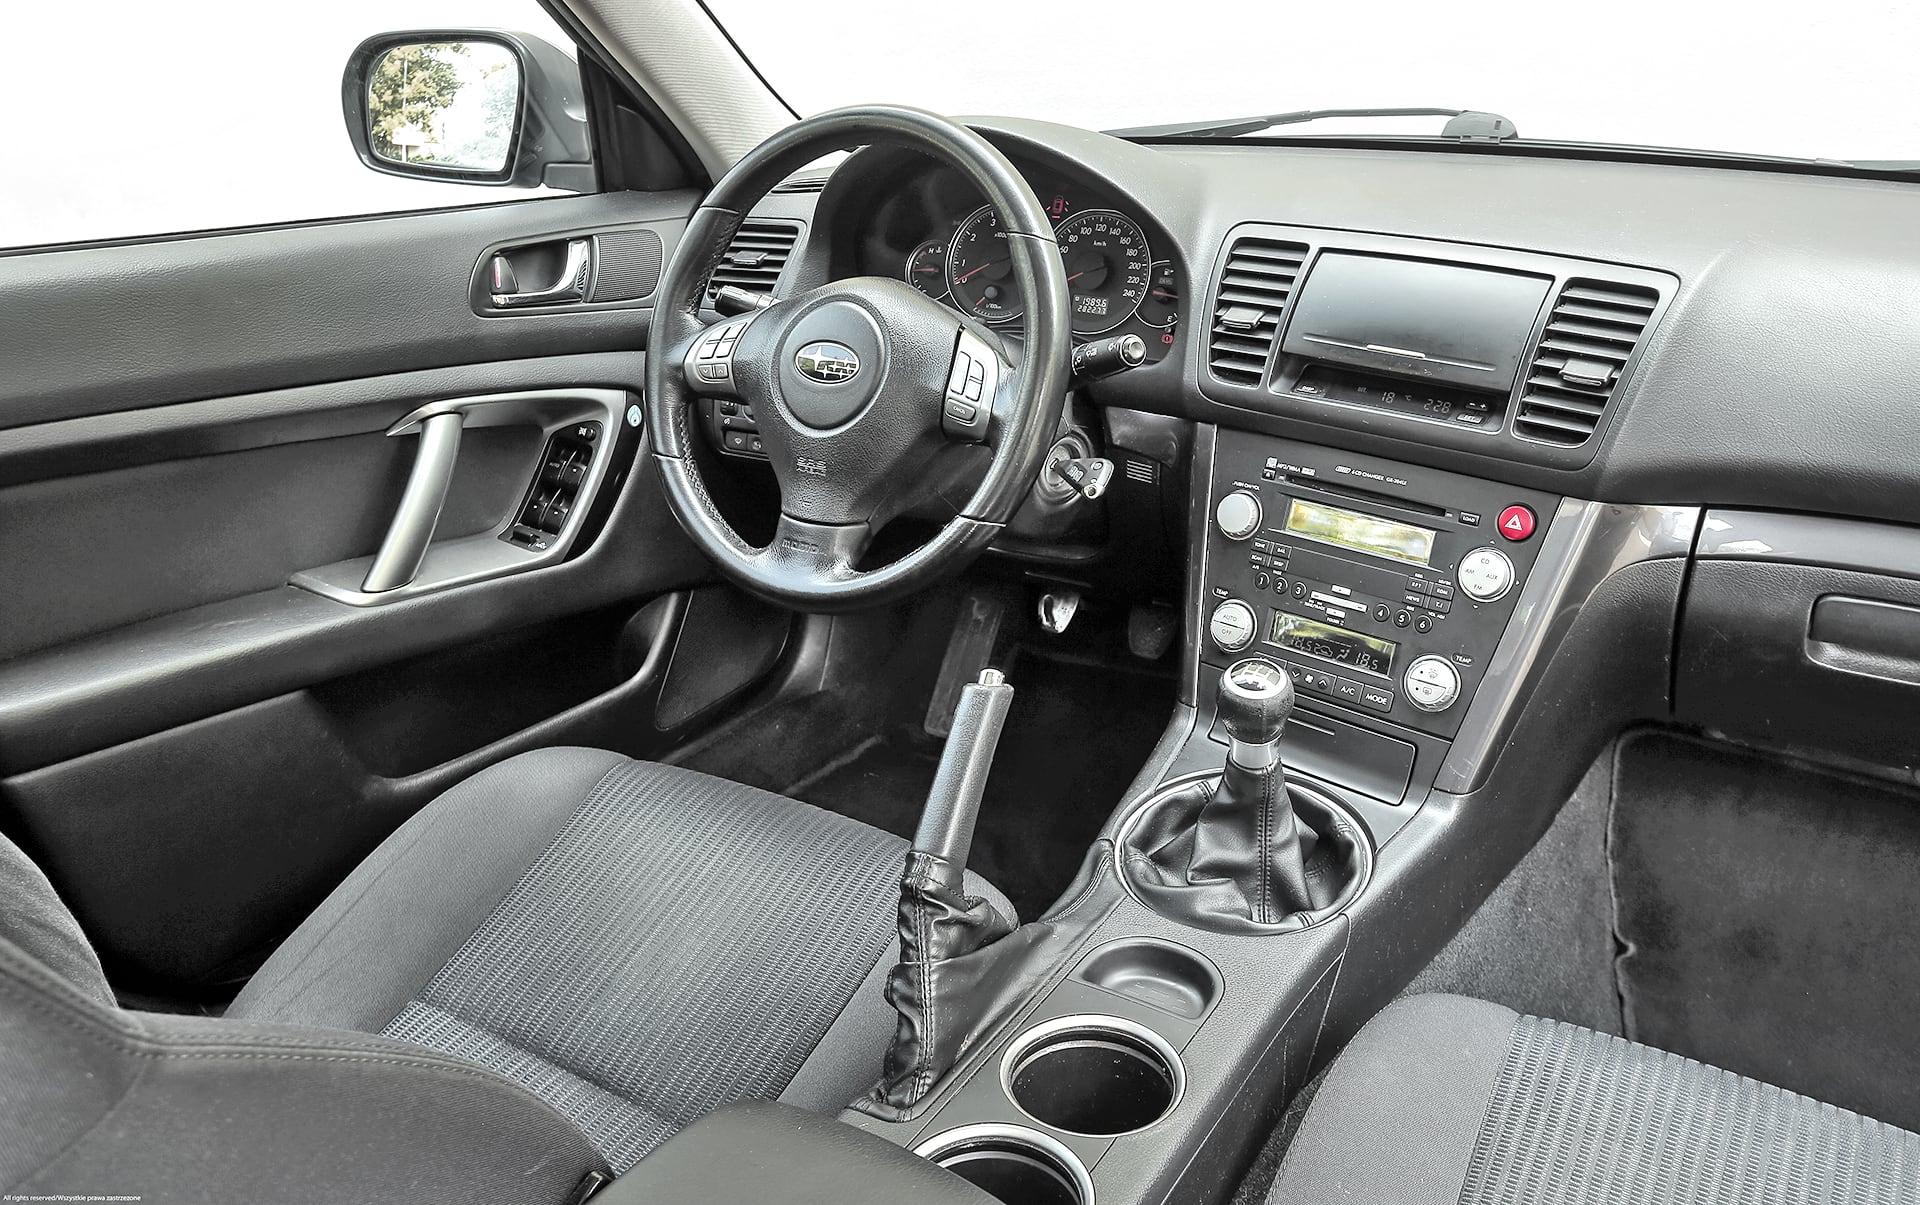 Subaru Legacy 2.0D deska rozdzielcza